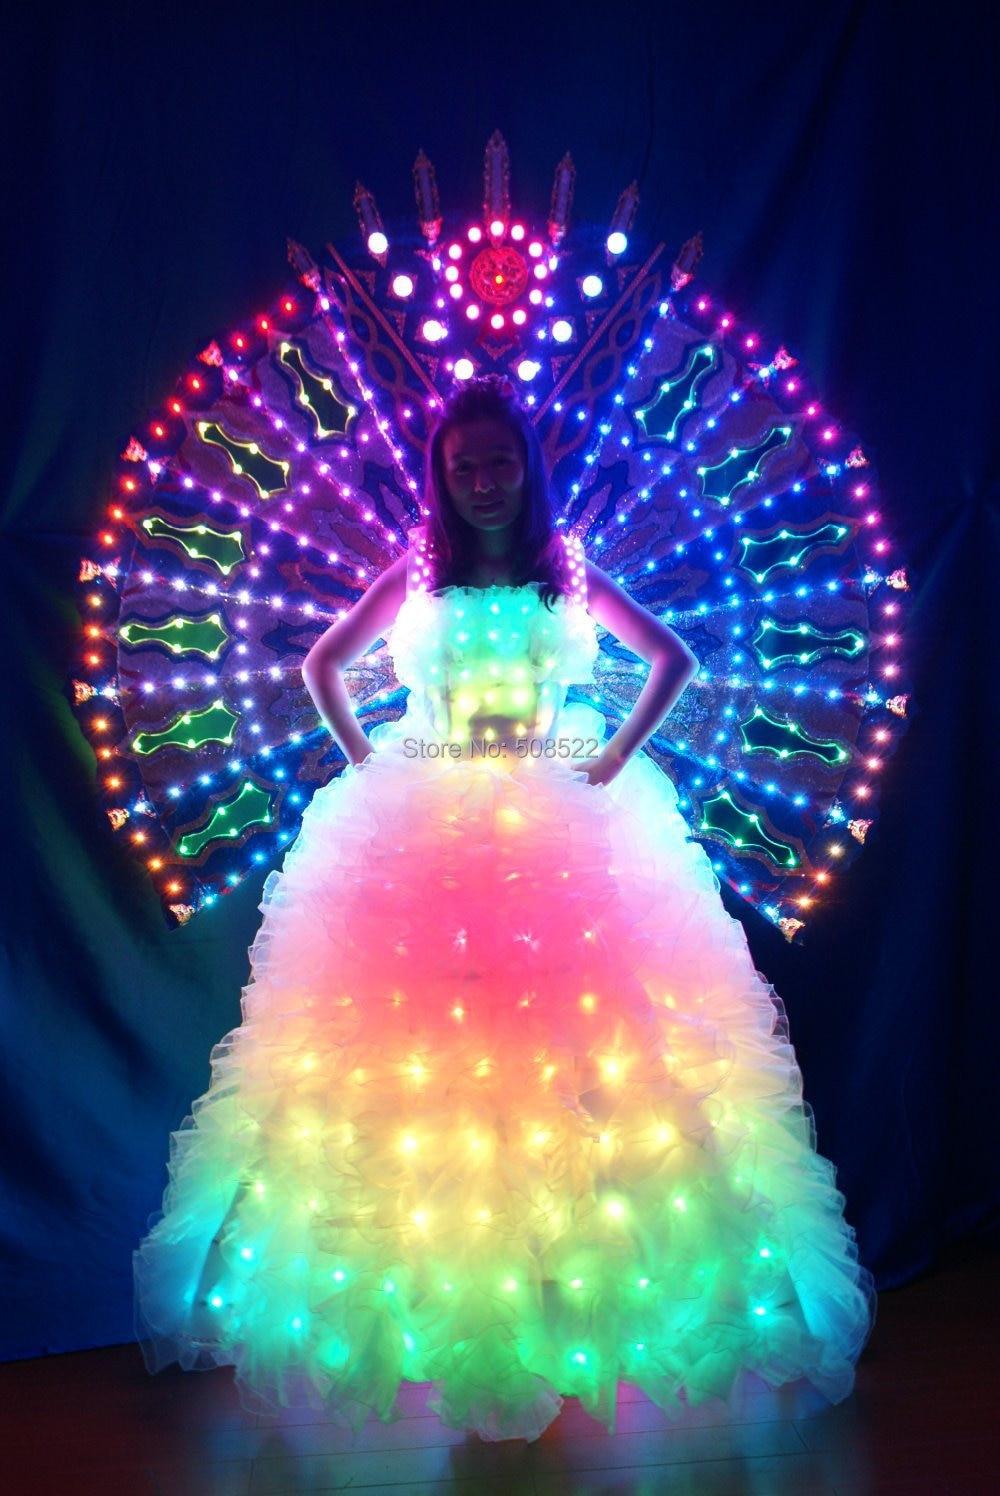 Licht zurück Rack LED Fluoreszenz unter der Bühne Prop LED Kleidung - Partyartikel und Dekoration - Foto 2